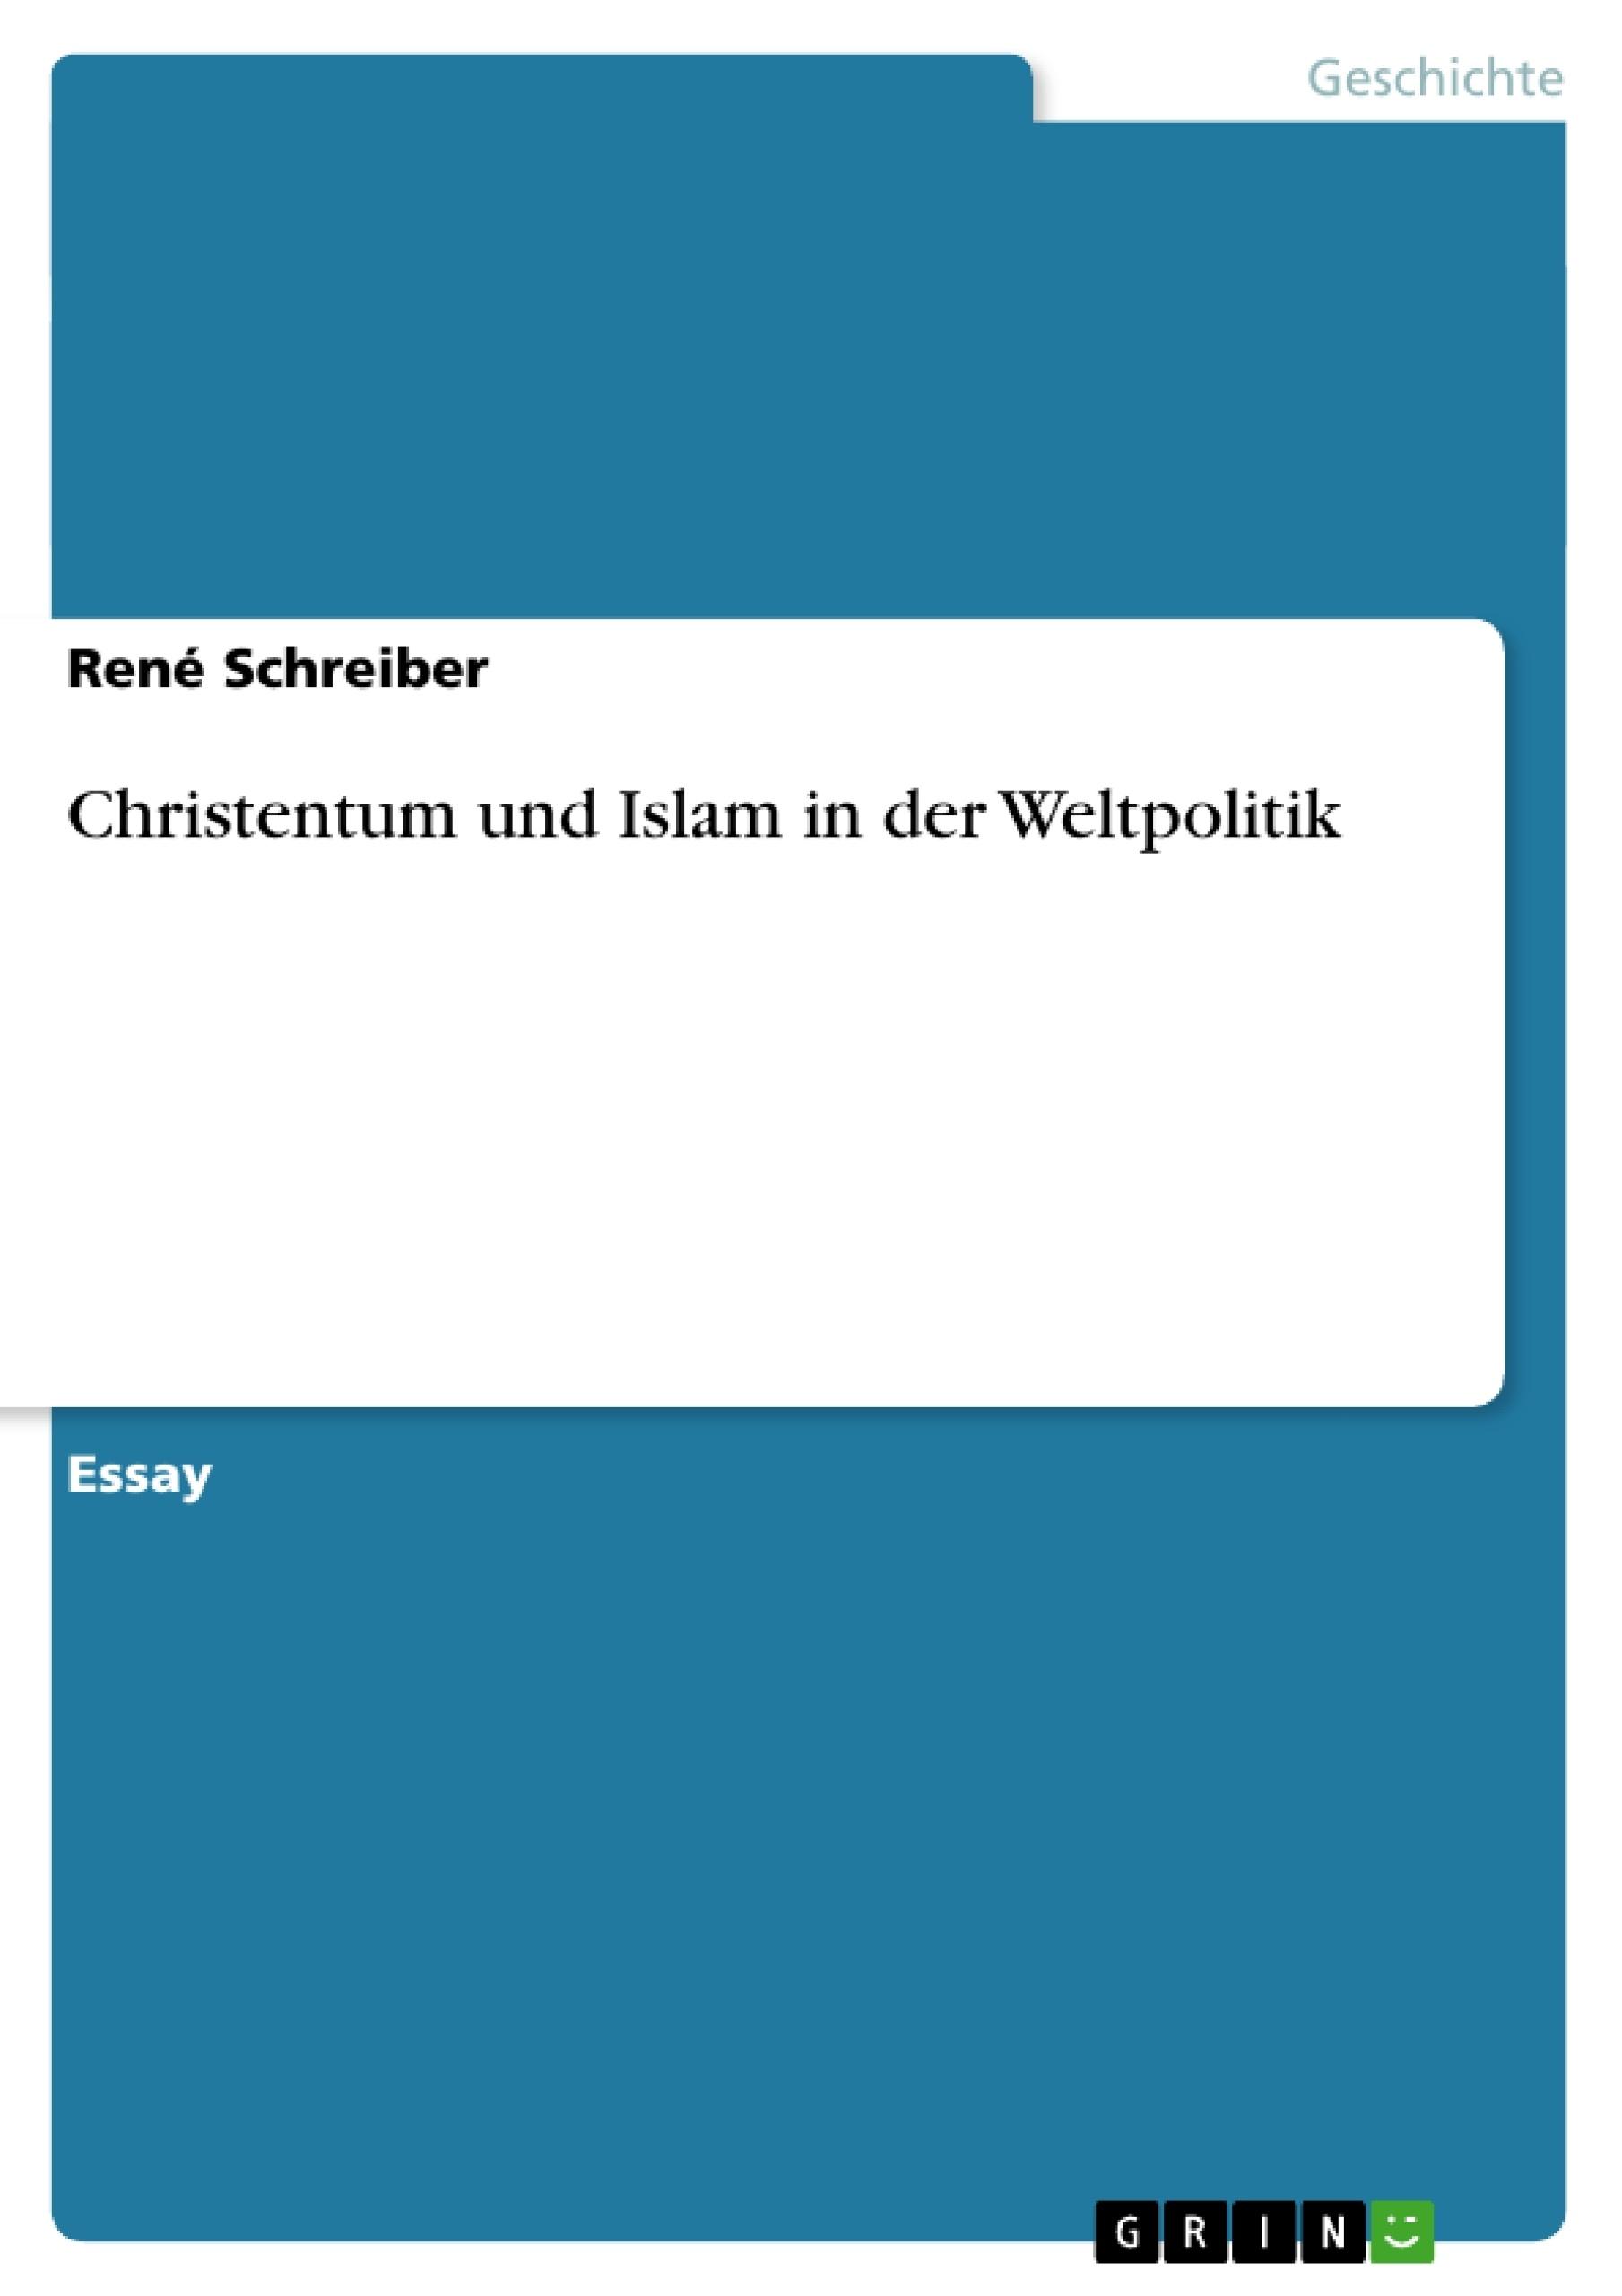 Titel: Christentum und Islam in der Weltpolitik